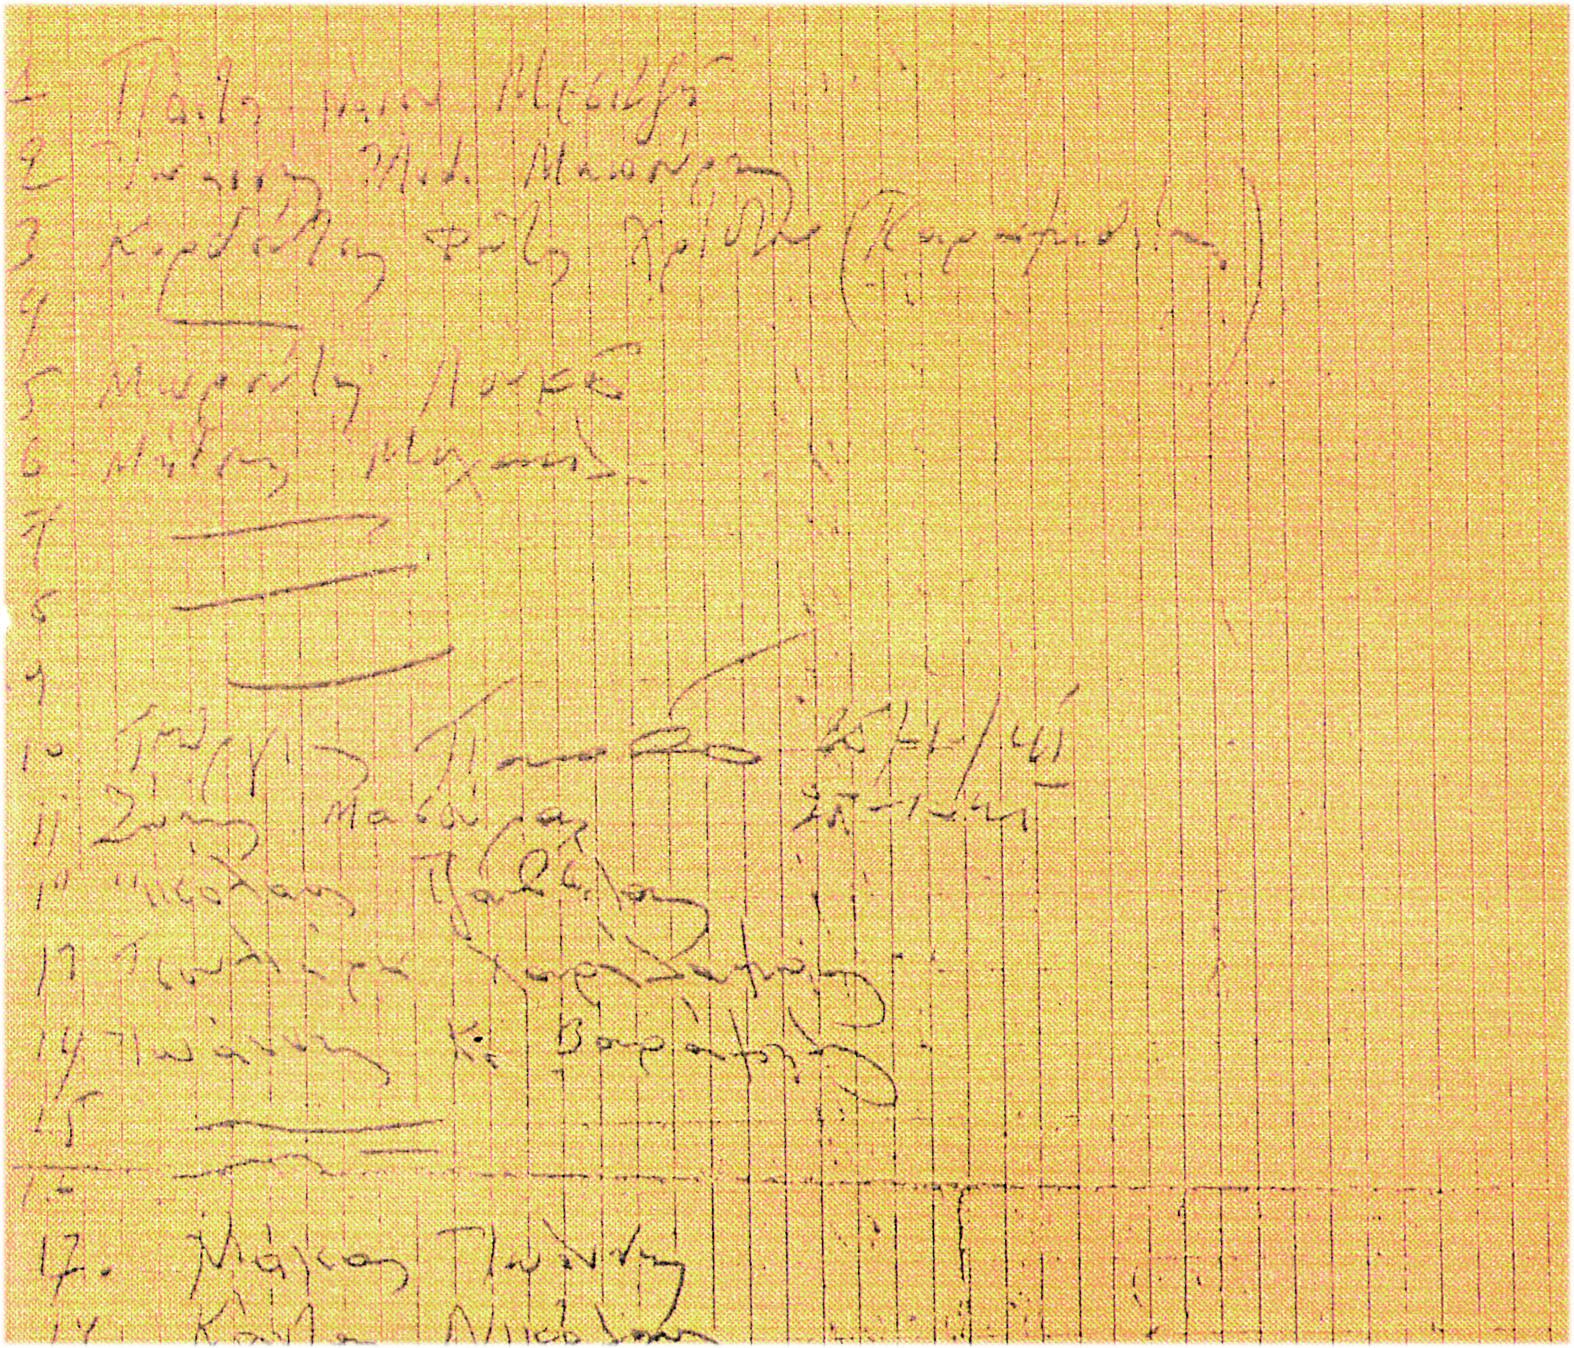 Τμήμα του πρόχειρου καταλόγου που τήρησαν οι κάτοικοι, όπου φαίνονται τα κενά με τα άγνωστα ονόματα